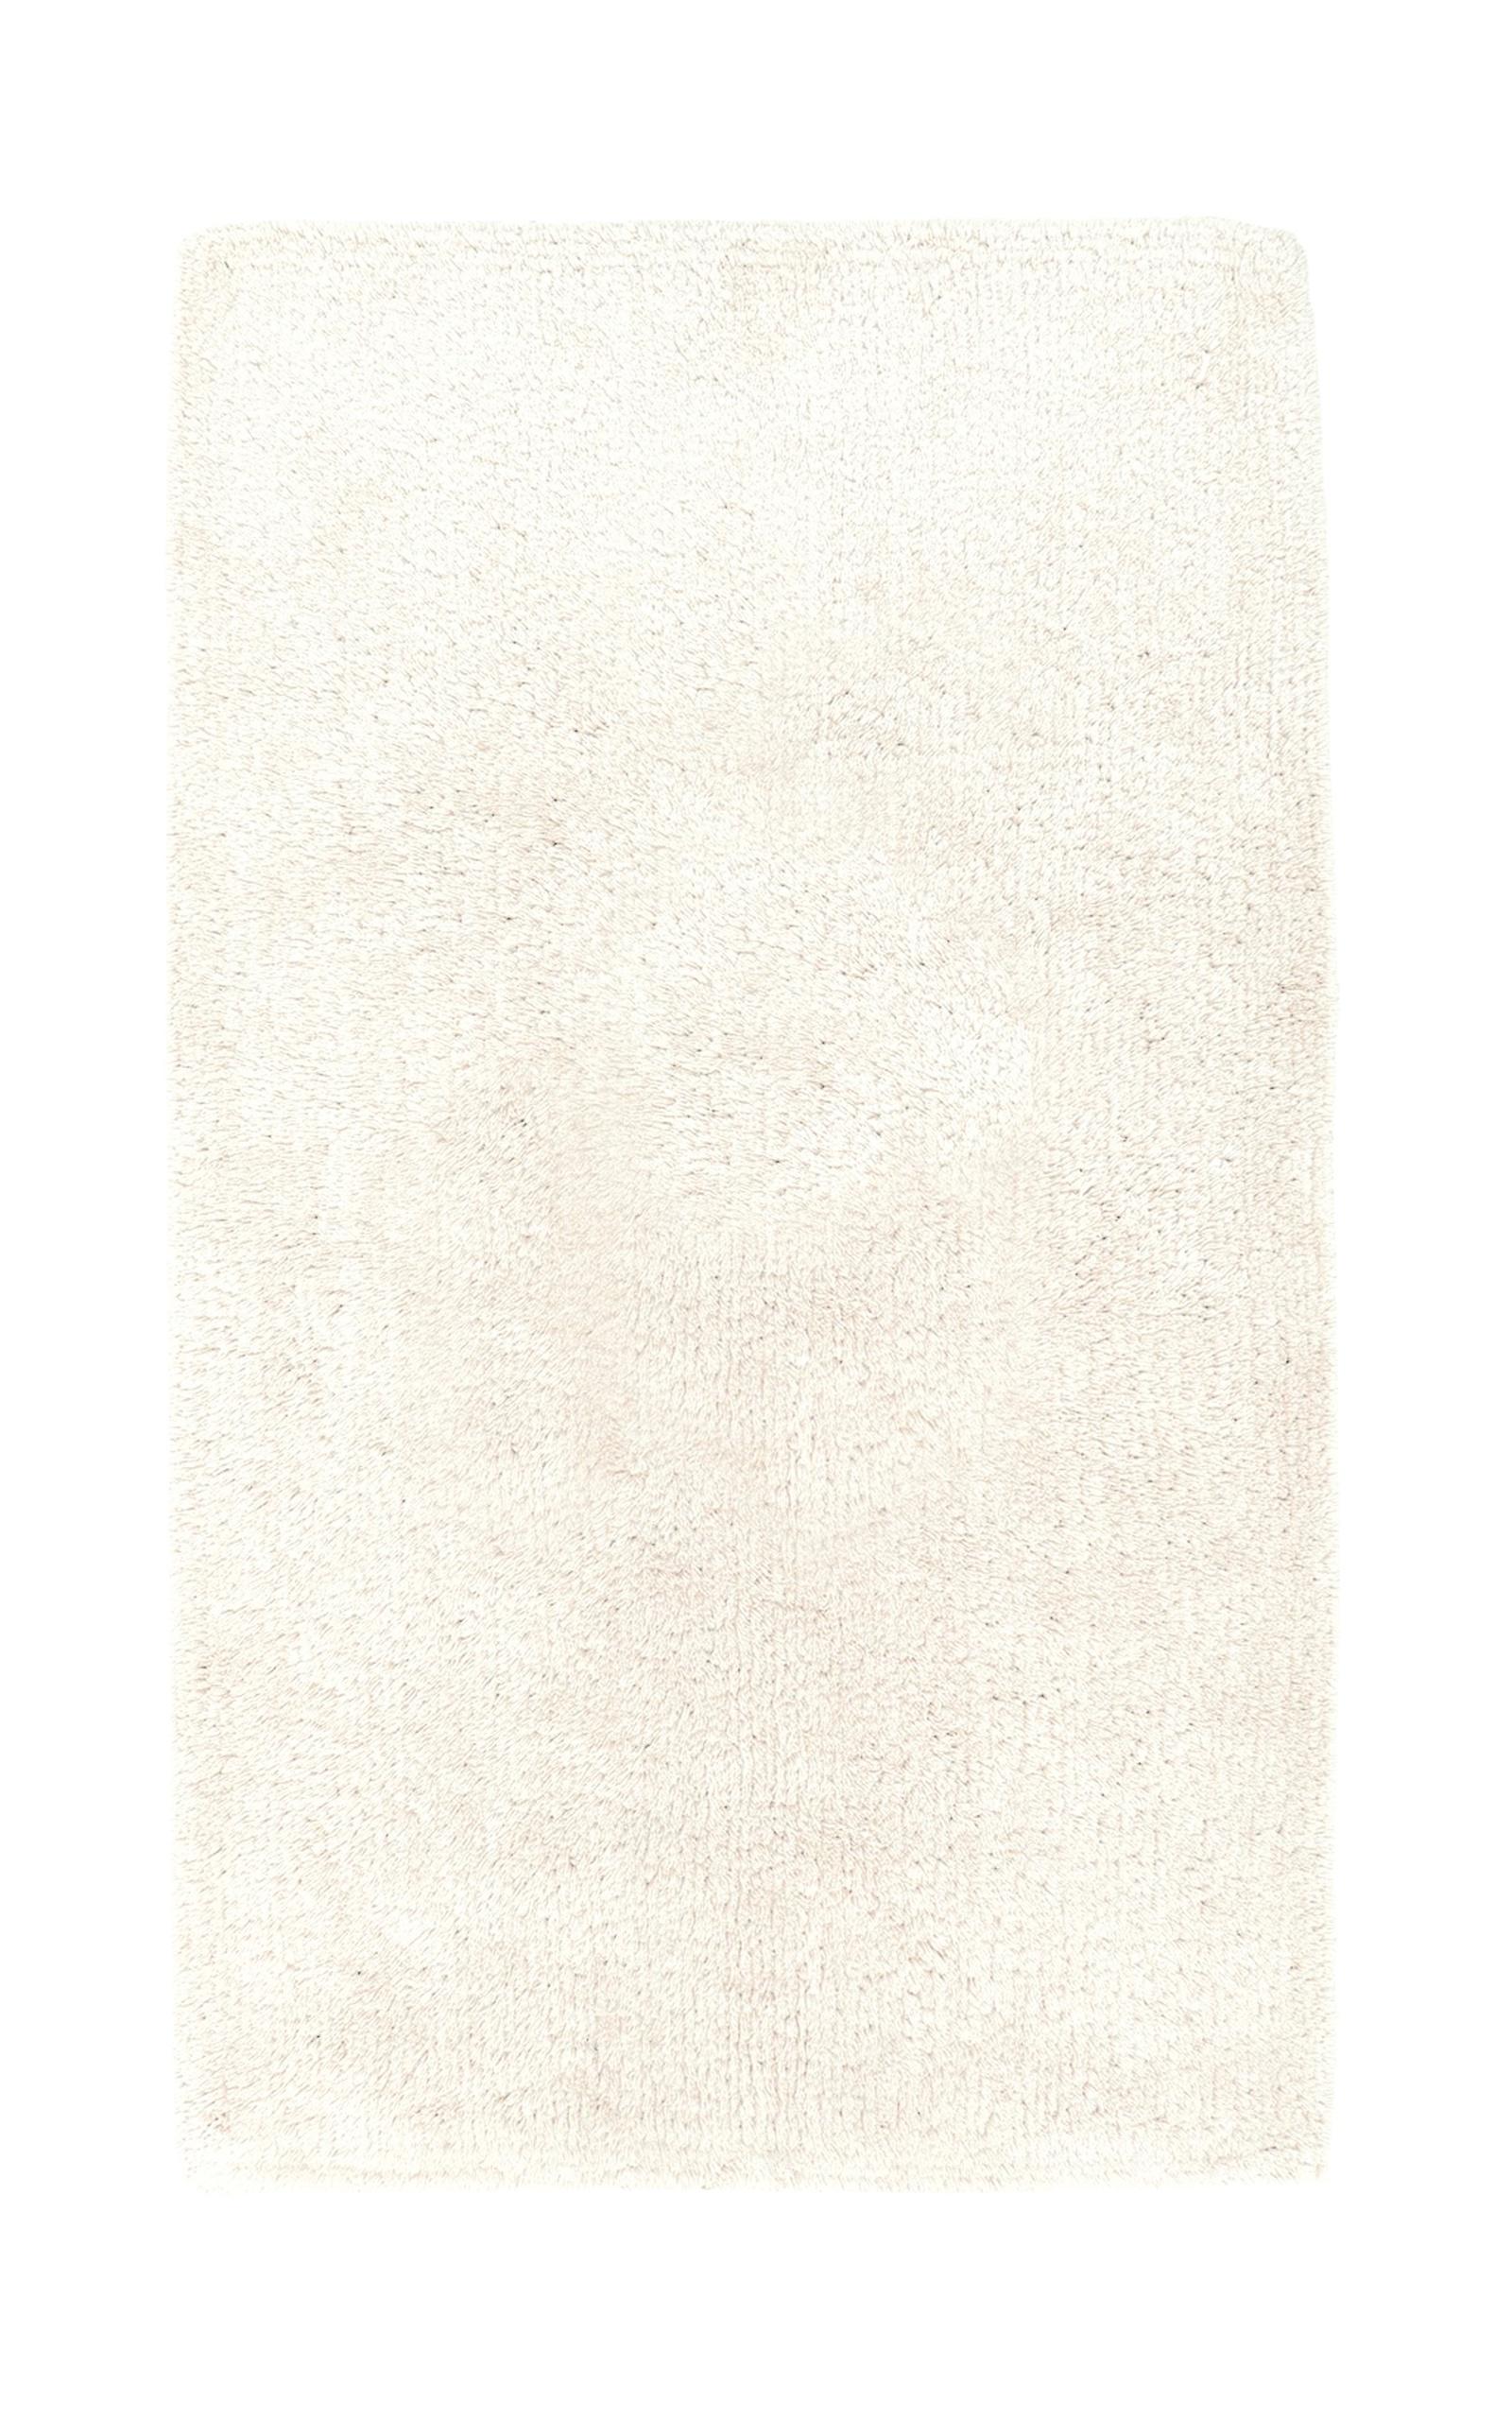 Коврик для ванной Aquanova Alma, ALMBMM-10, слоновая кость, 60x100 см